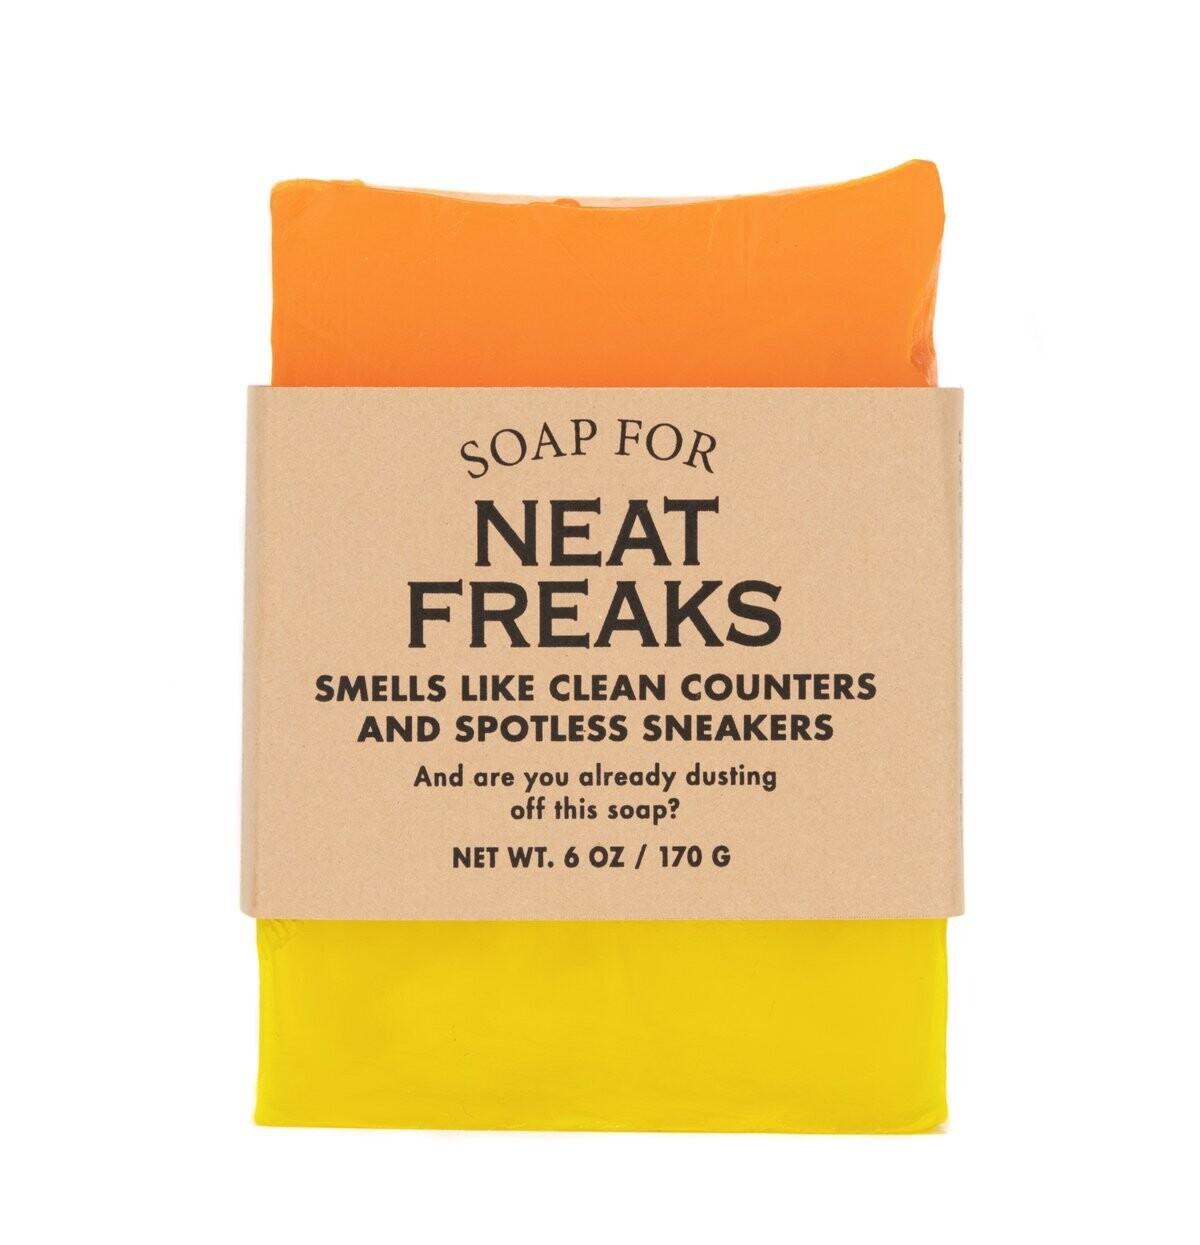 Neat Freaks Soap